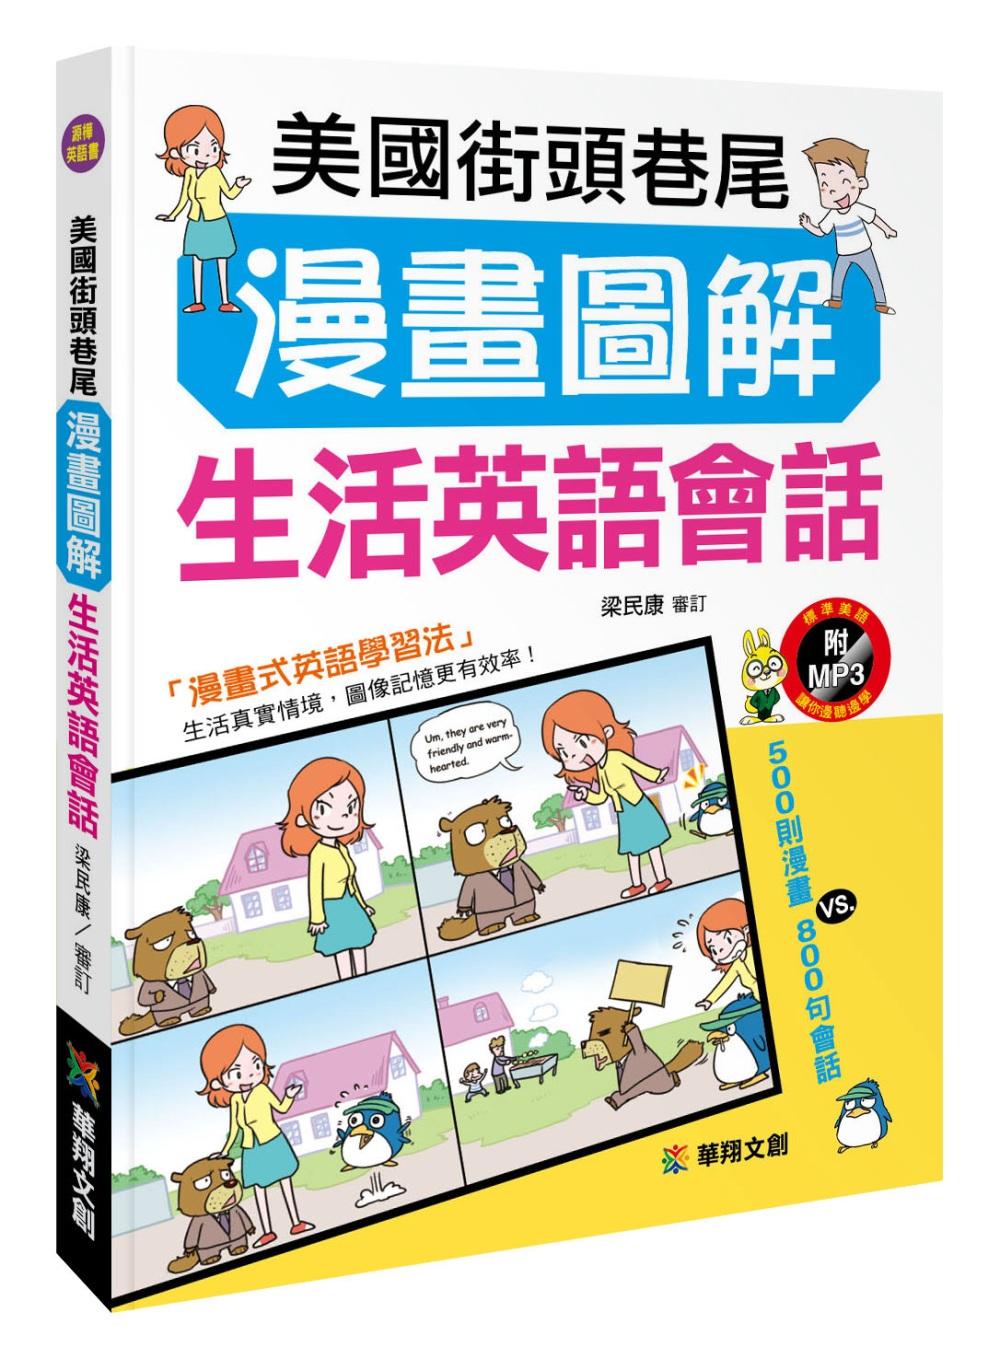 ◤博客來BOOKS◢ 暢銷書榜《推薦》美國街頭巷尾漫畫圖解生活英語會話(附MP3 CD)